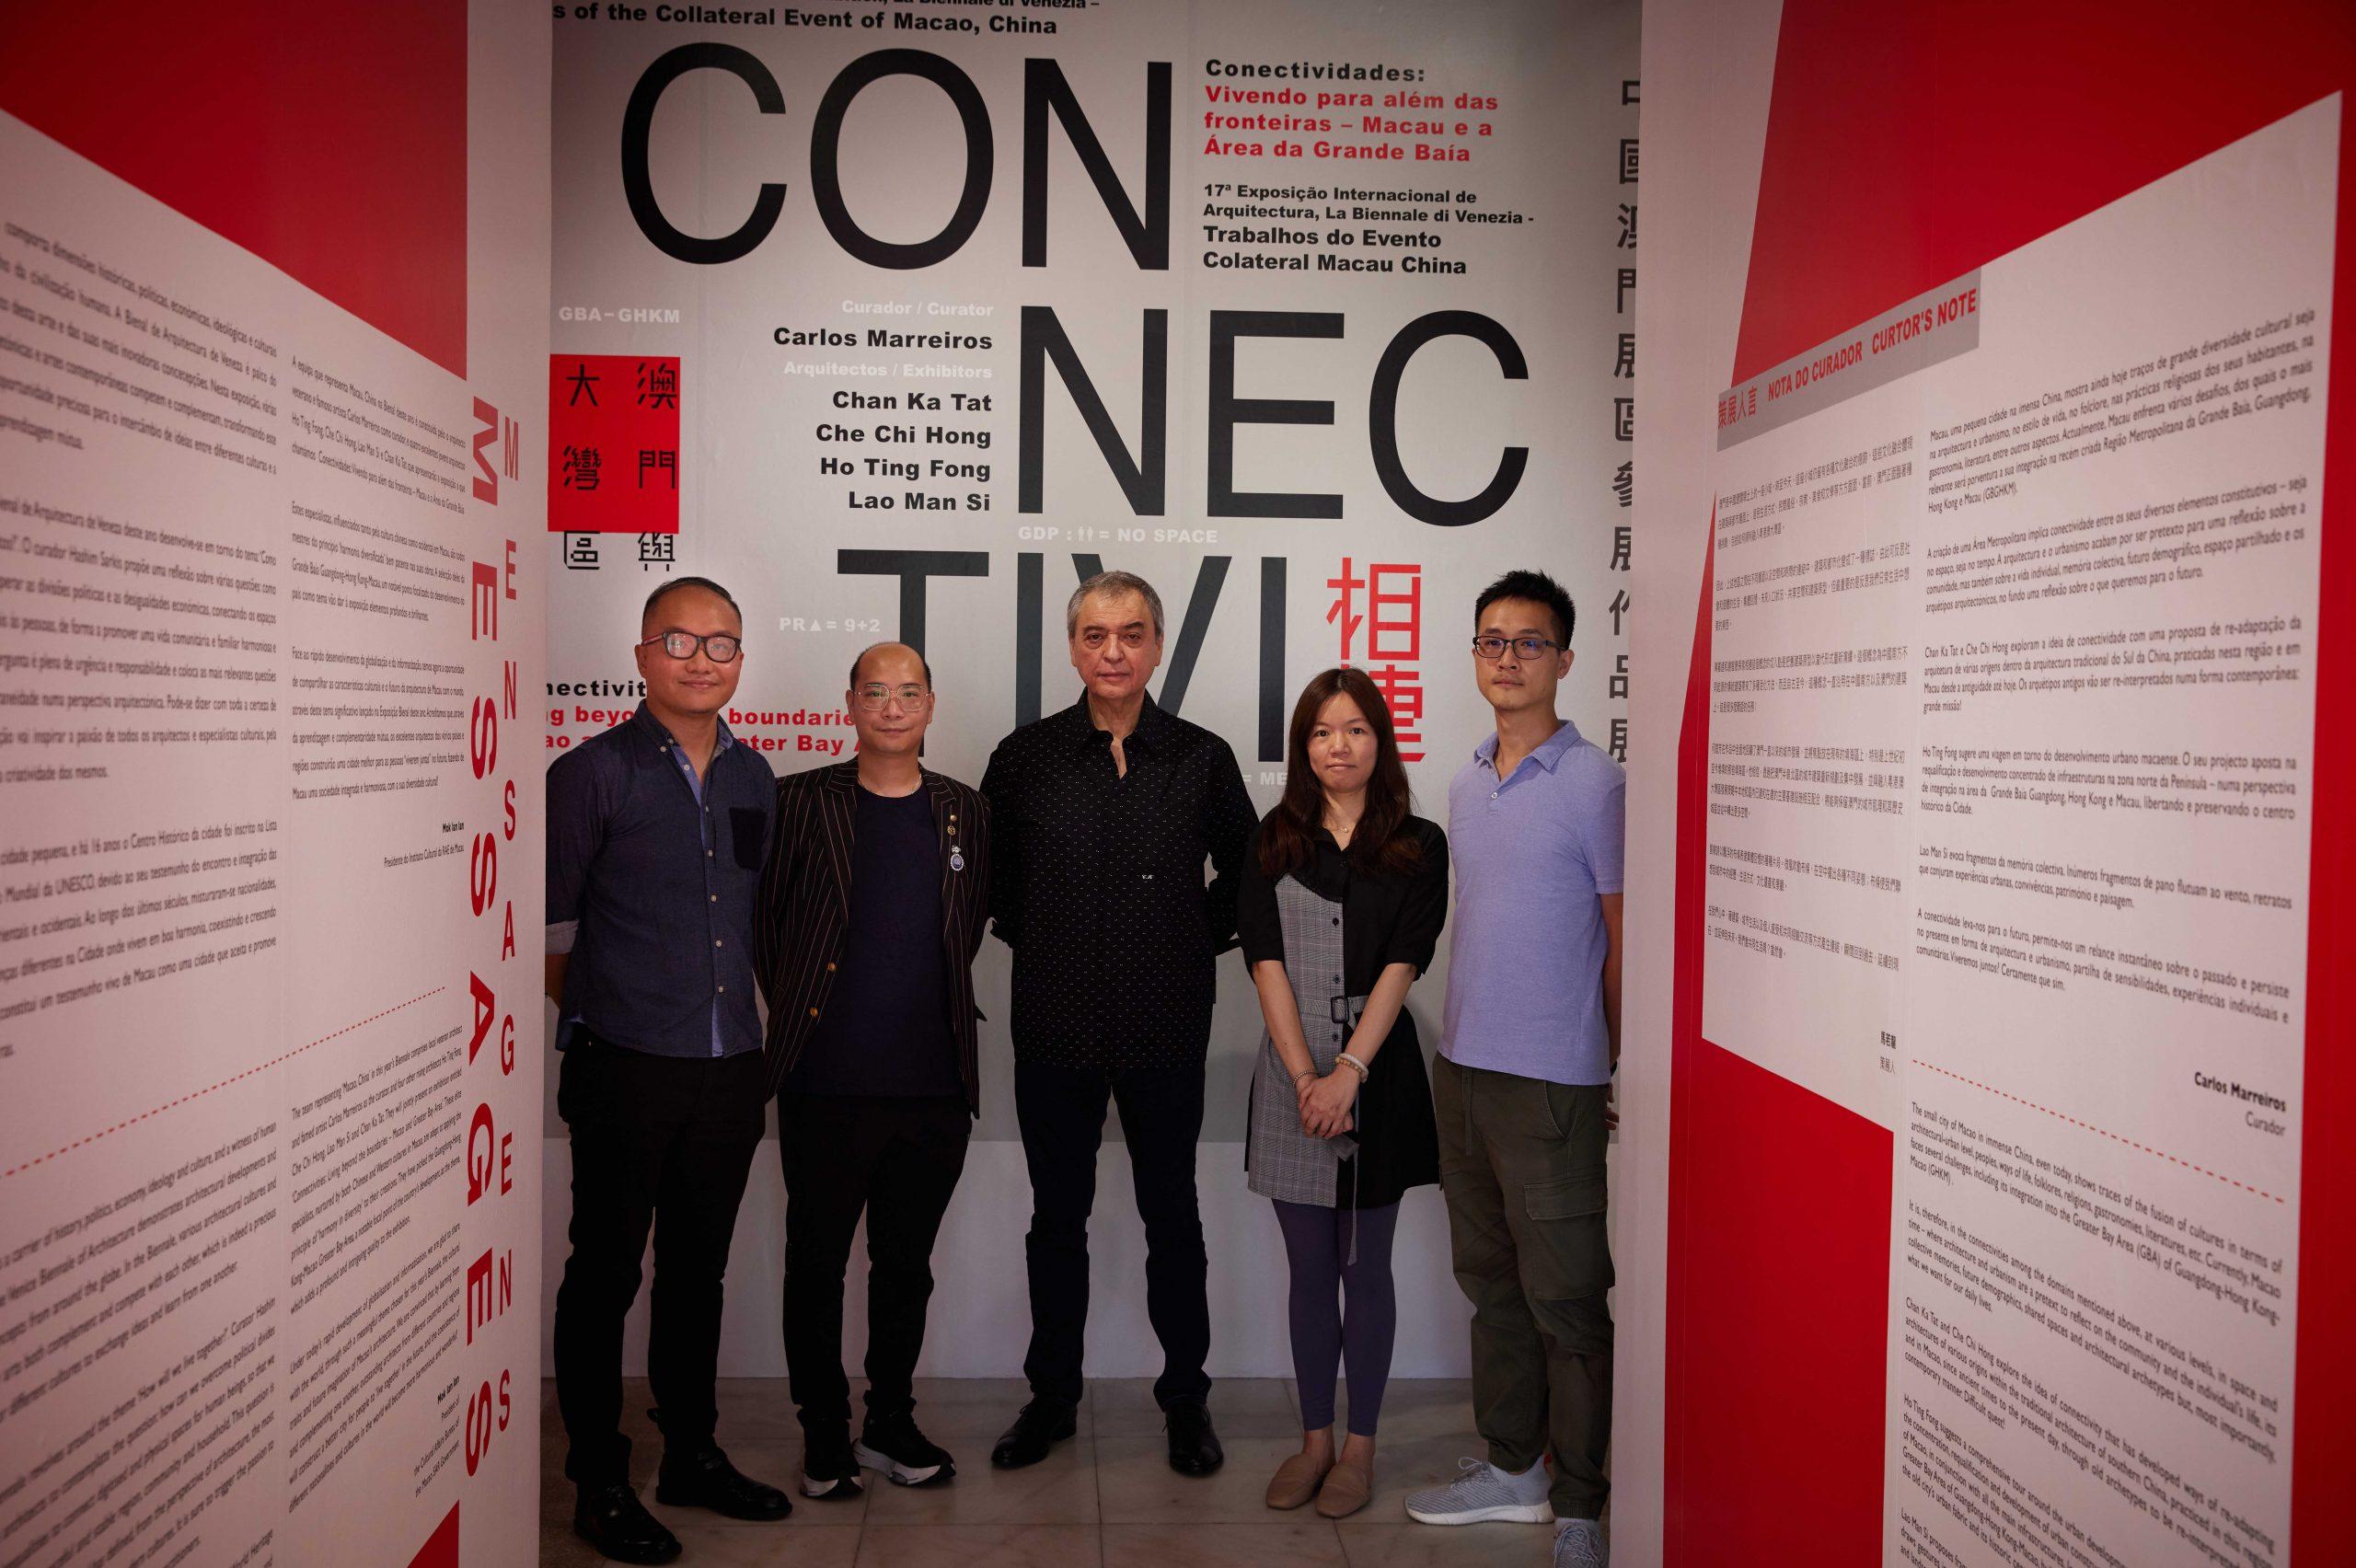 Daniel Ho Ting Fong, Chan Ka Tat, Carlos Marreiros, Ina Lao Man Si and Asai Che Chi Hong